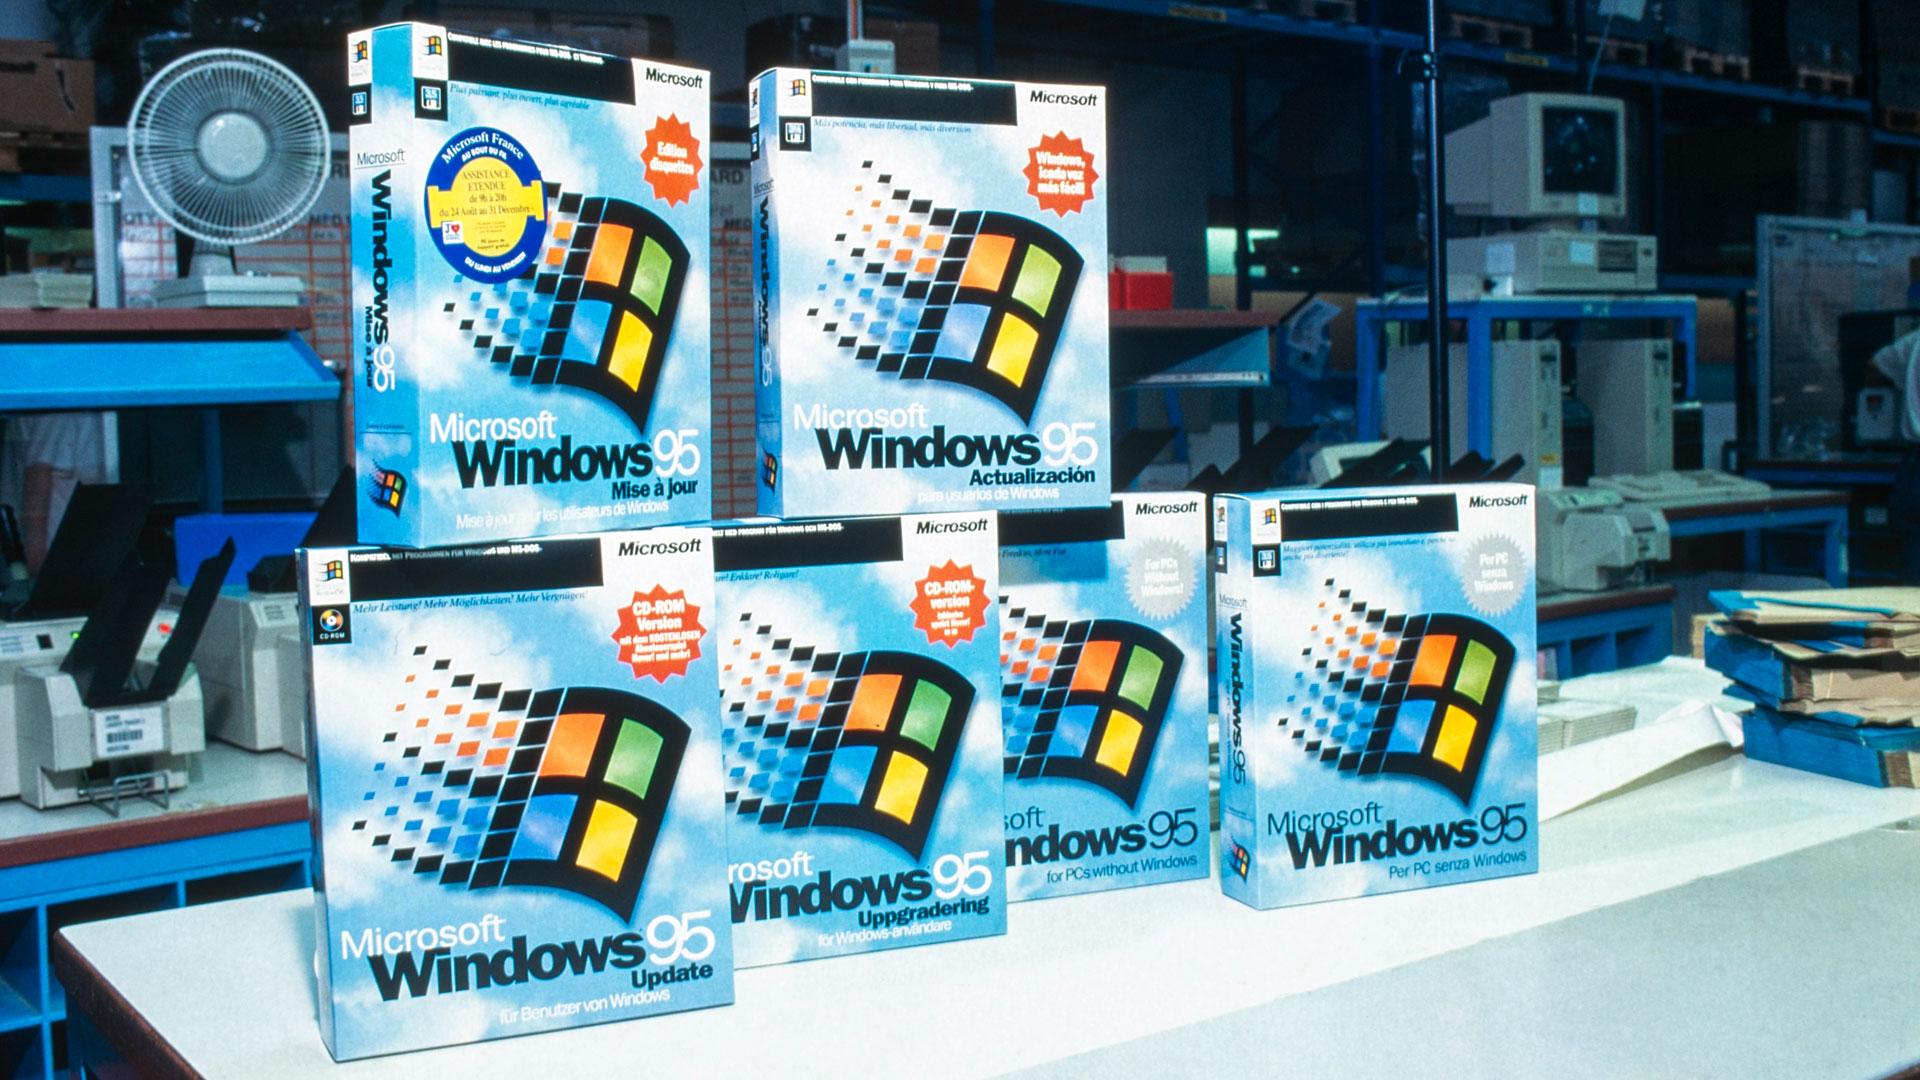 Das Betriebssystem Windows 95 bei seinem Launch 1995